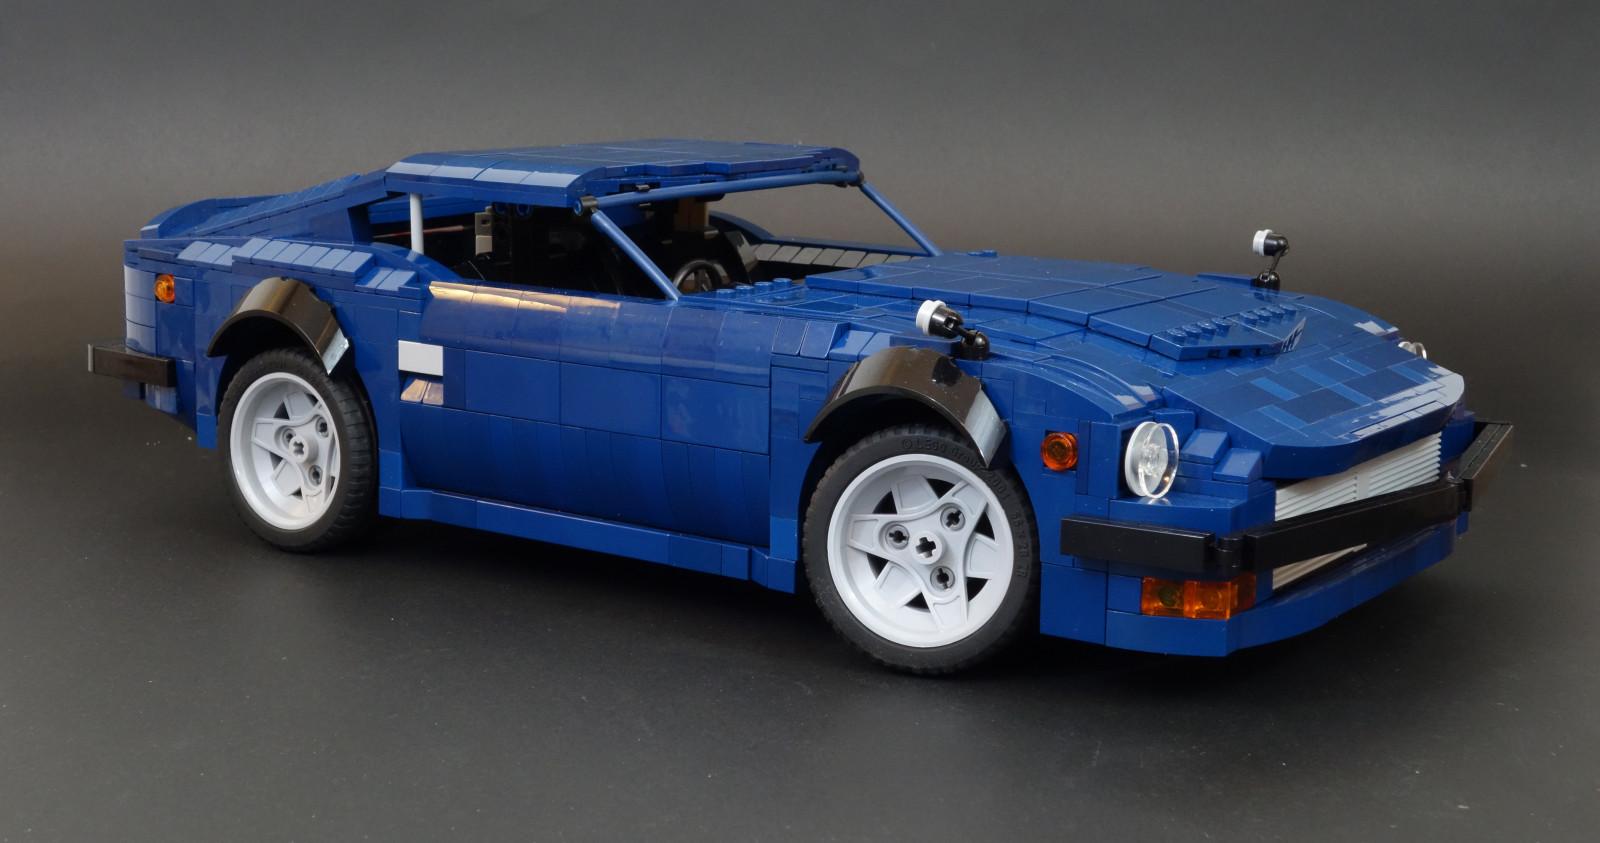 fond d 39 cran maquette anime v hicule lego jouet voiture de sport datsun voiture. Black Bedroom Furniture Sets. Home Design Ideas